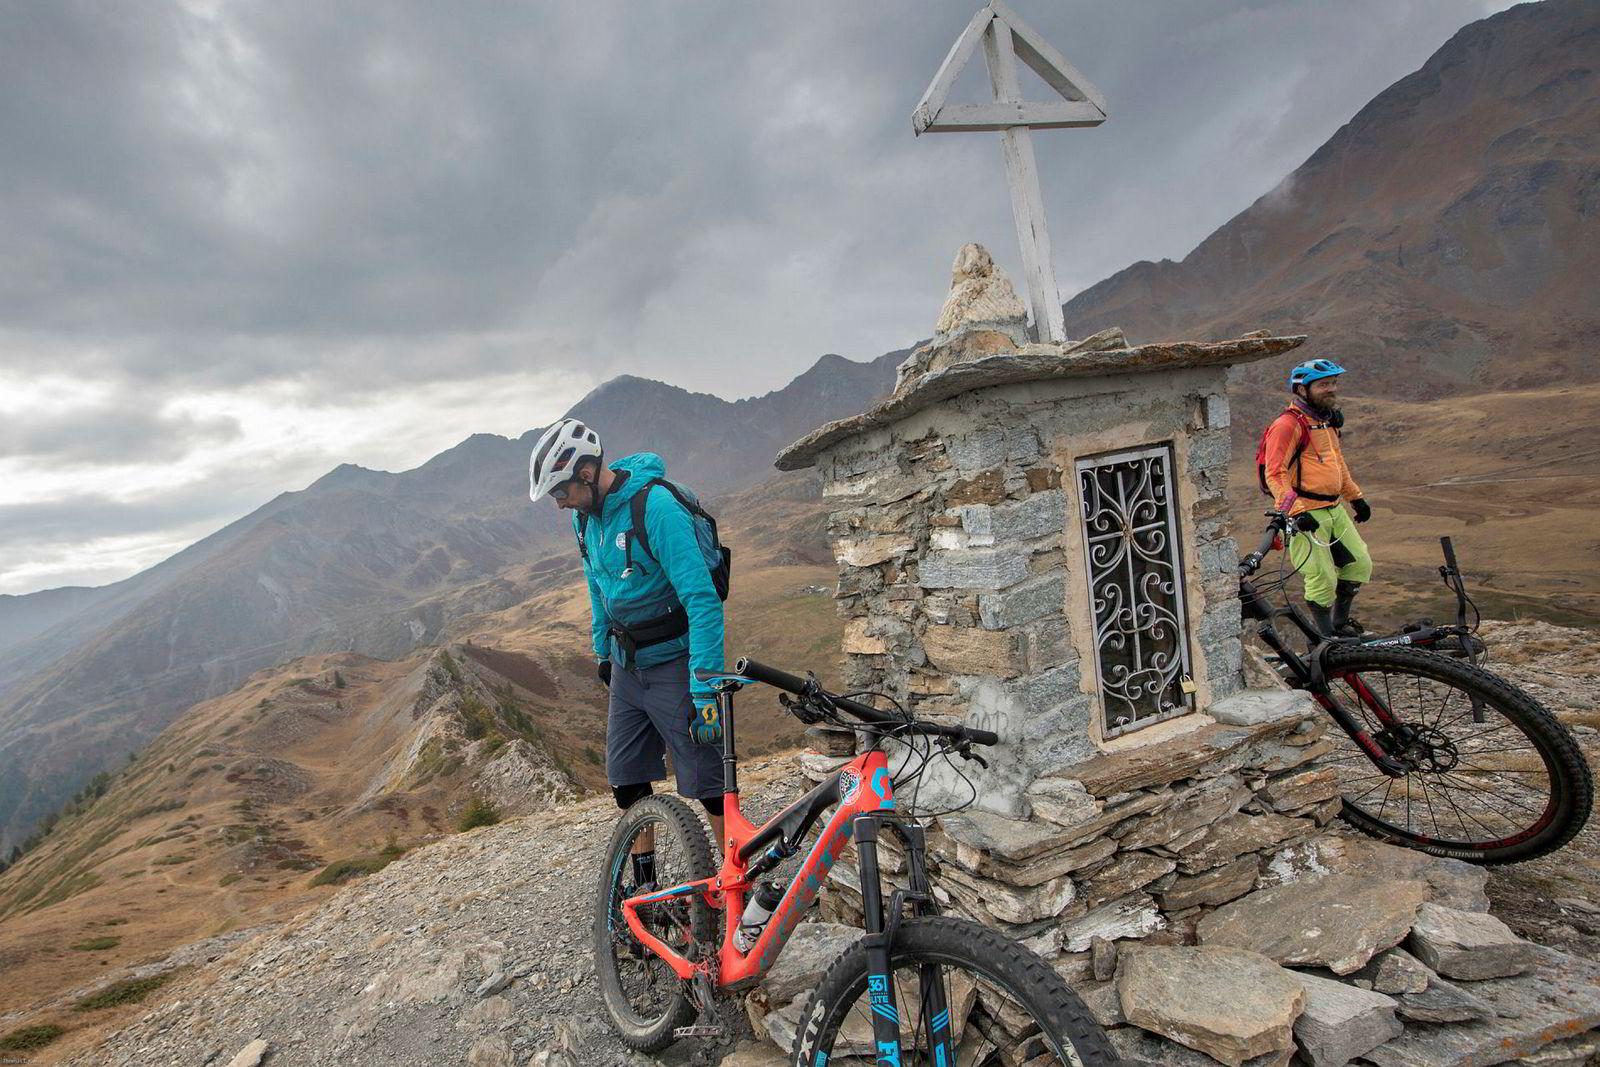 Før dagens siste sykkeltur hviler sykkelguide Fabrizio Charruaz og Bjørn Jarle Kvande beina på toppen av en fjelltopp .